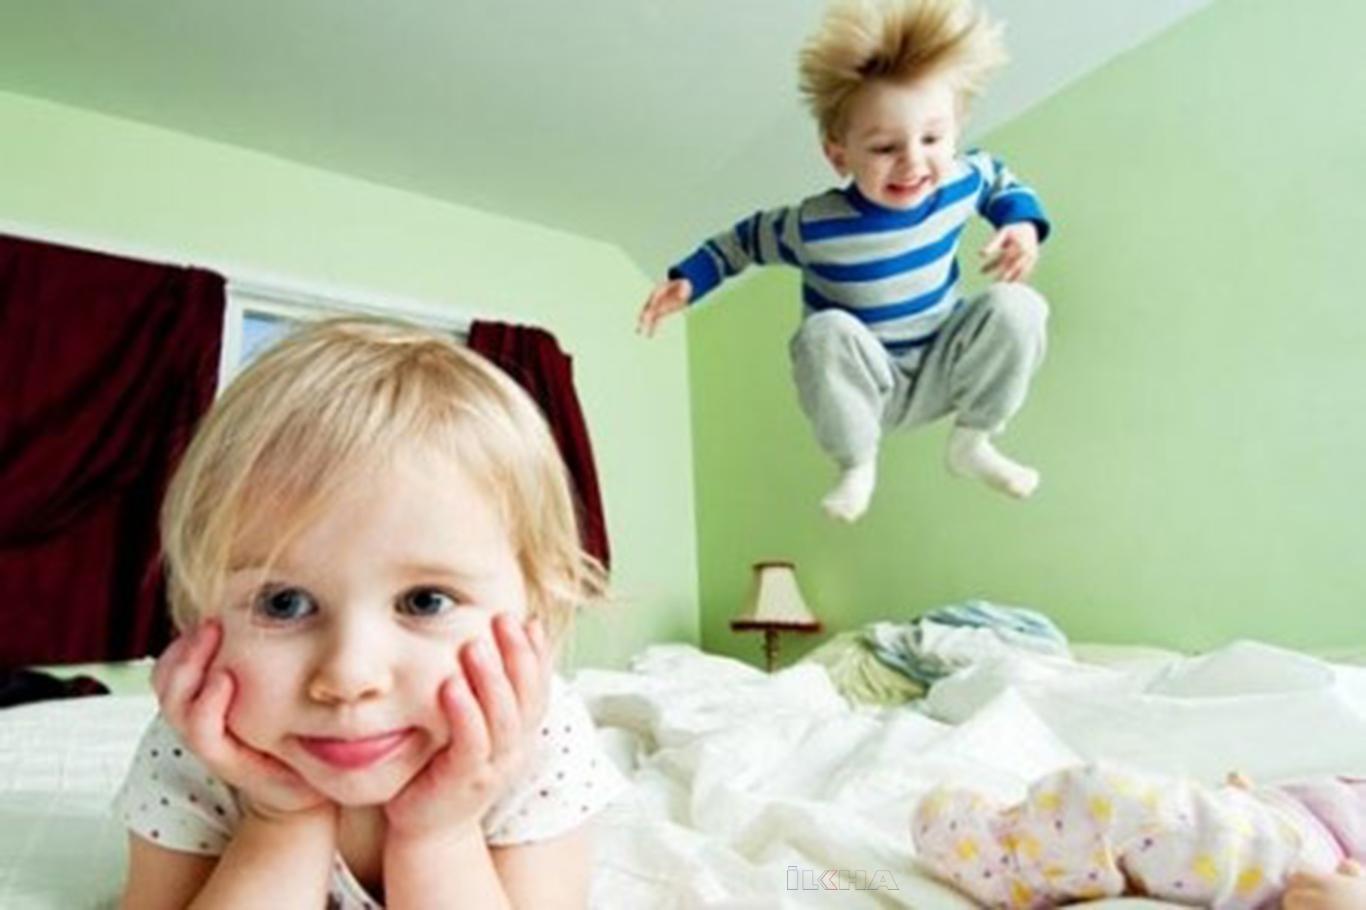 أقوى طريقة تغيير الطفل المشاغب والمزعج